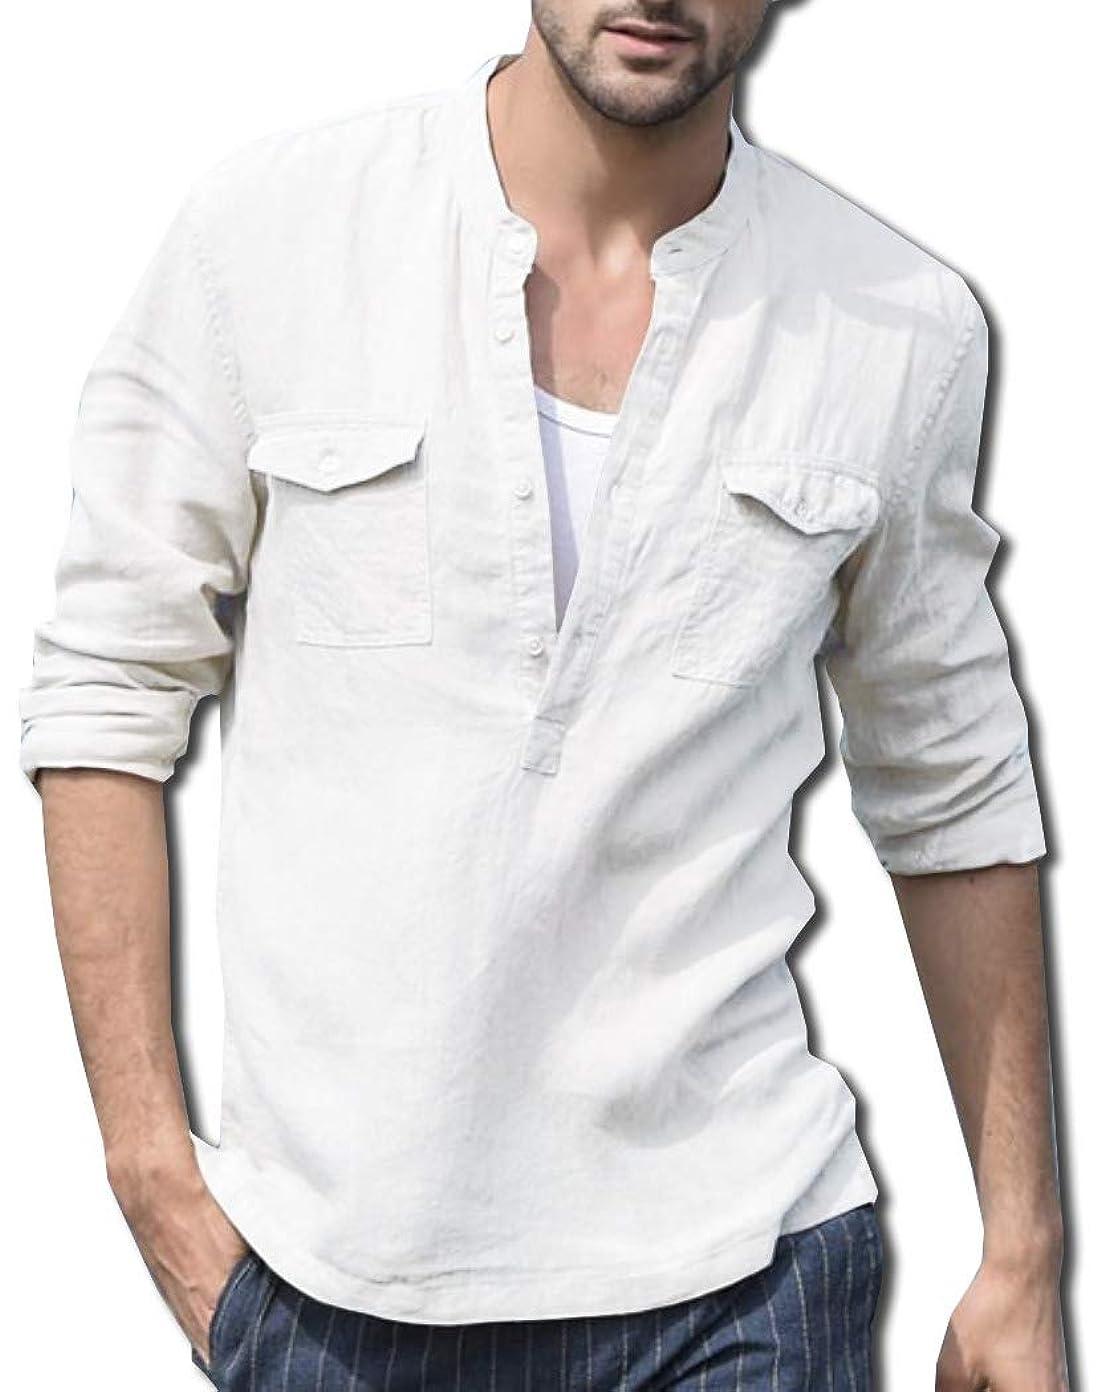 教育直径理想的には[ボルソ] リネン ヘンリーネック 綿麻 カジュアル シャツ メンズ (ブラック、ホワイト、ブルー、ベージュ) M ~ XXL